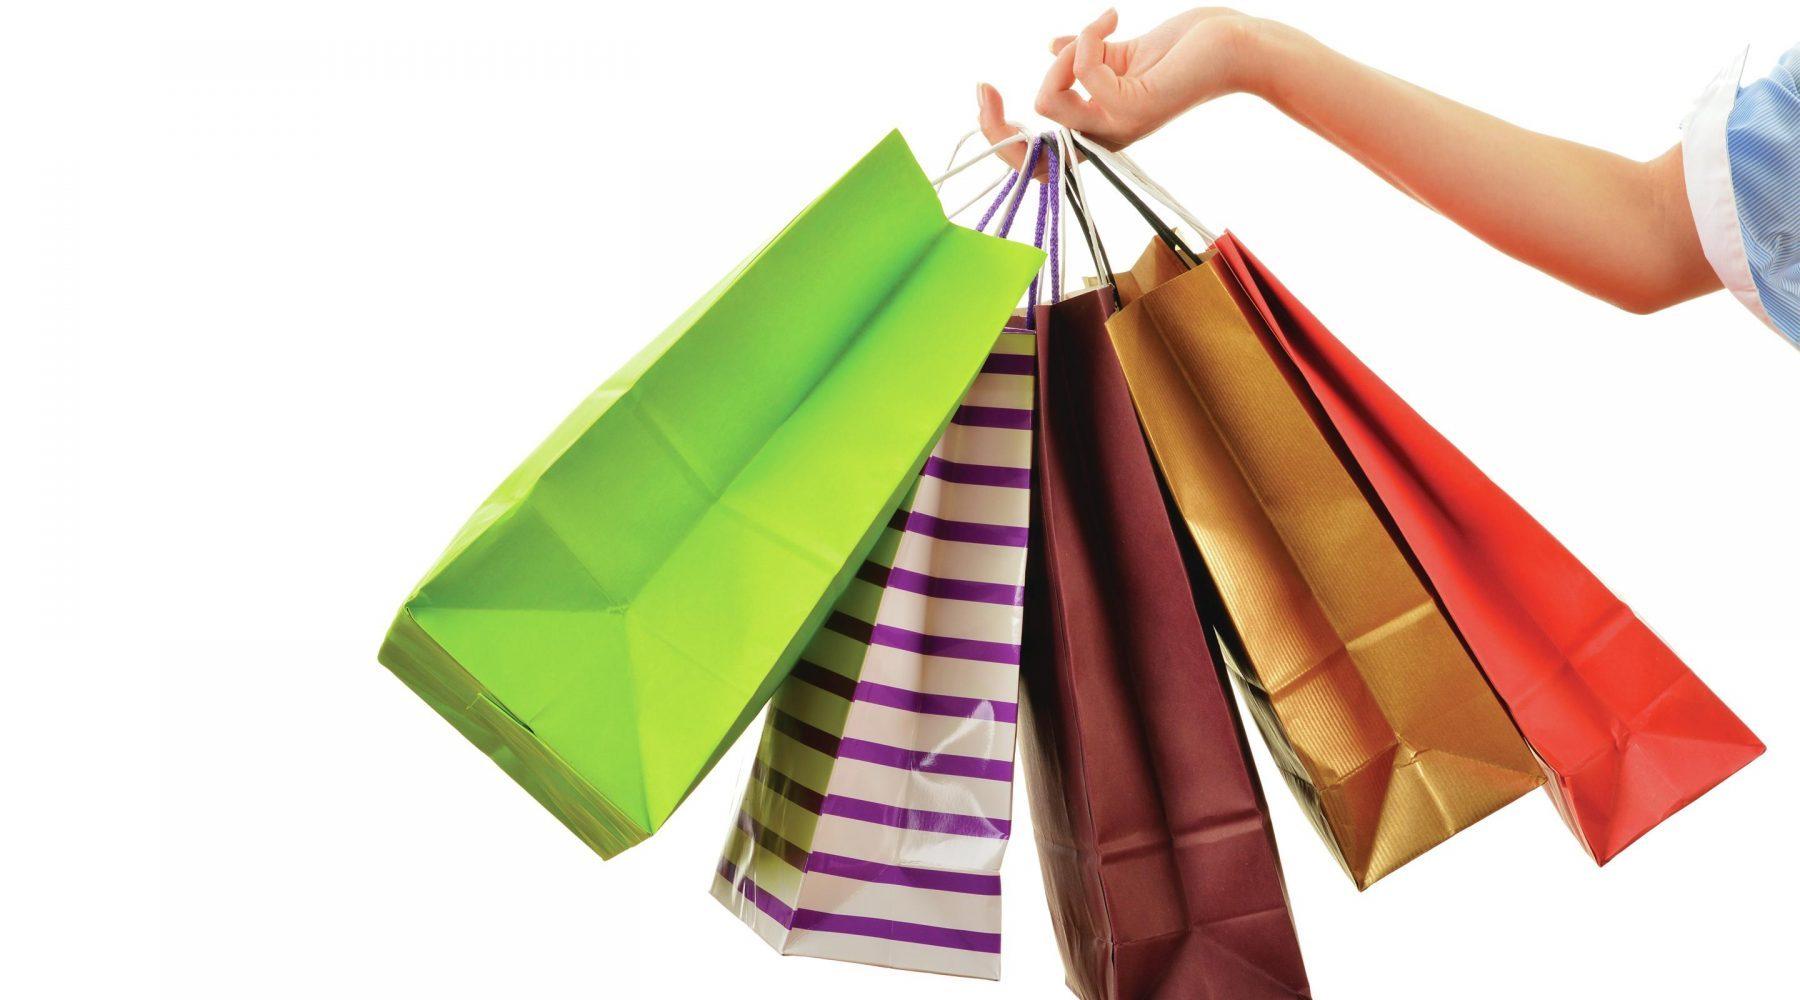 Entregas para loja virtual: como funciona o frete para uma loja virtual